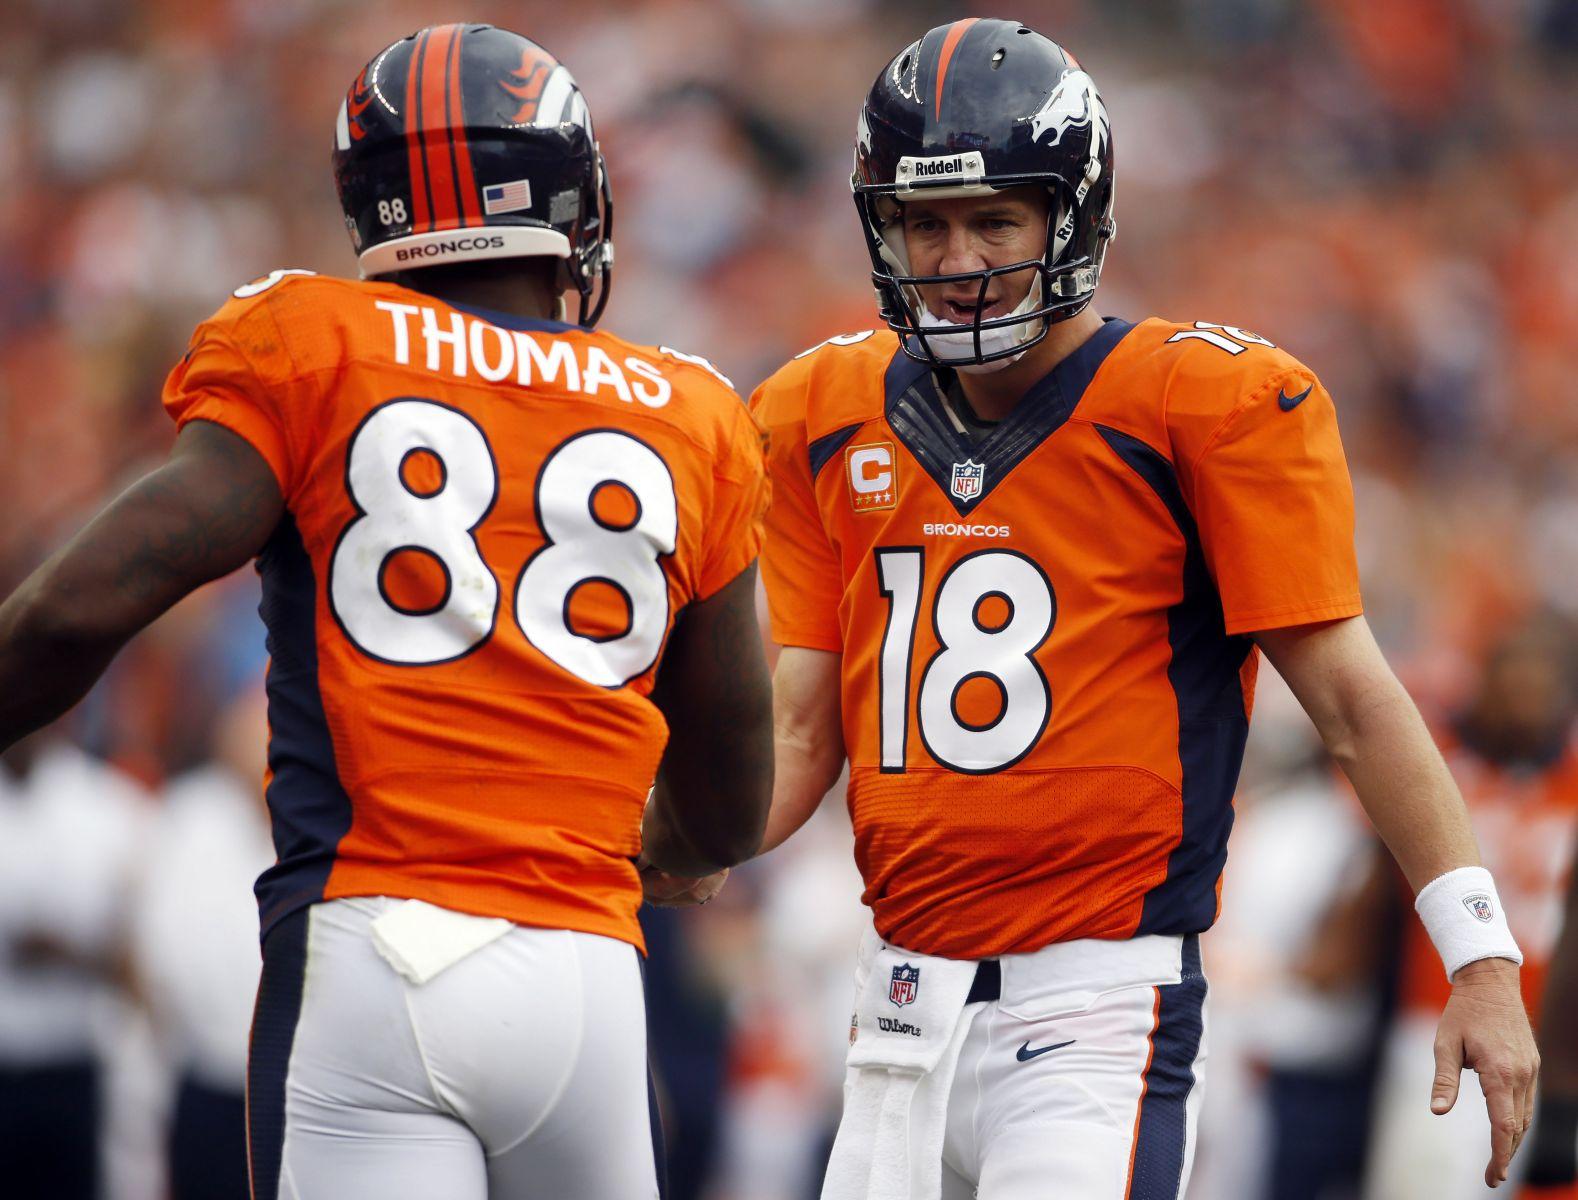 2013 Denver Broncos Vs 2007 New England Patriots Which